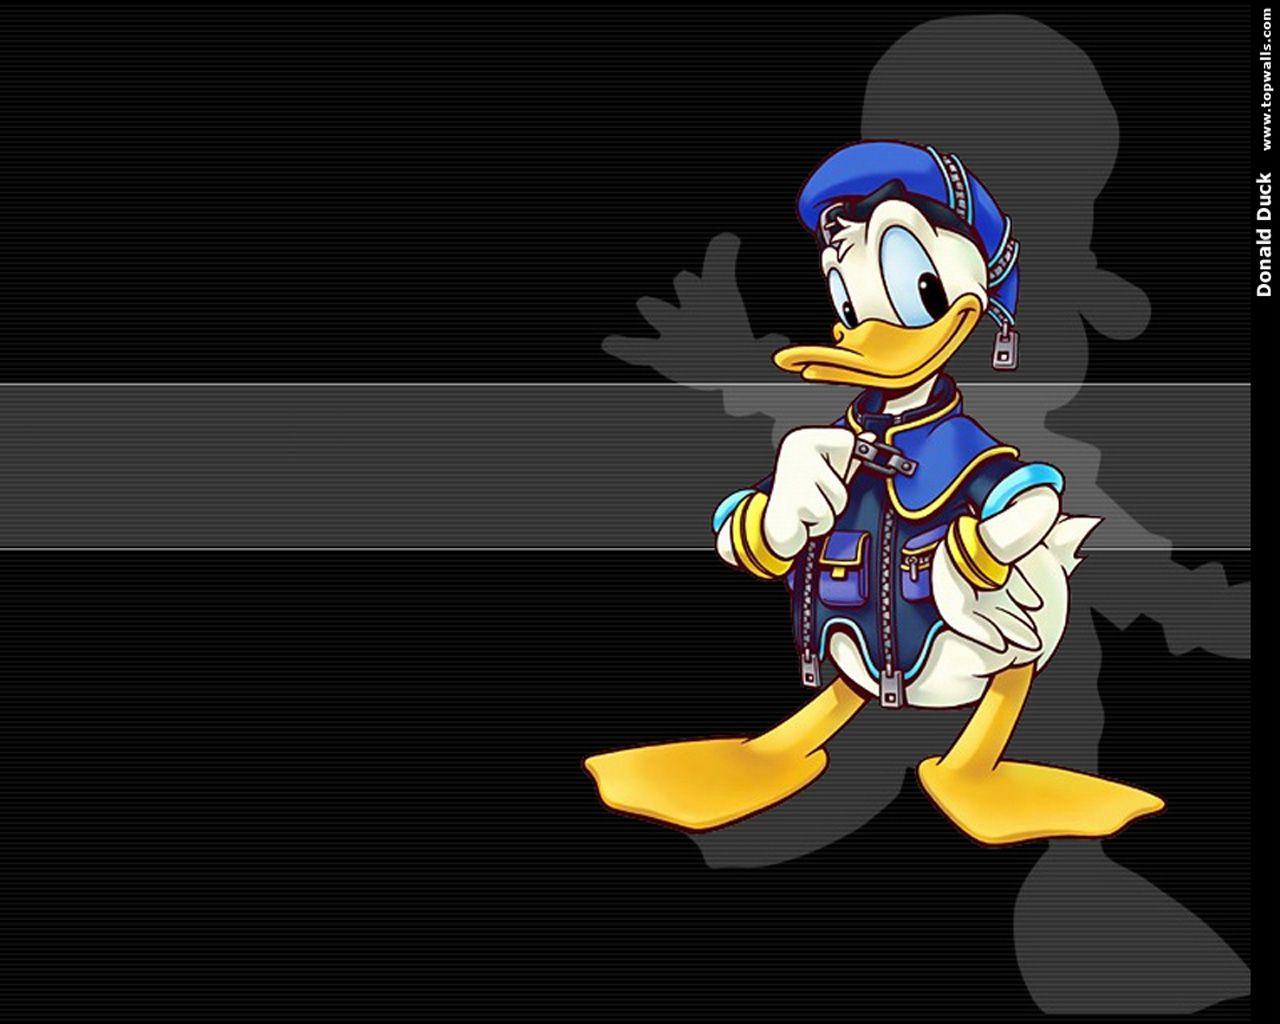 Donald Duck Duck Wallpaper Donald Duck Mickey Mouse Wallpaper